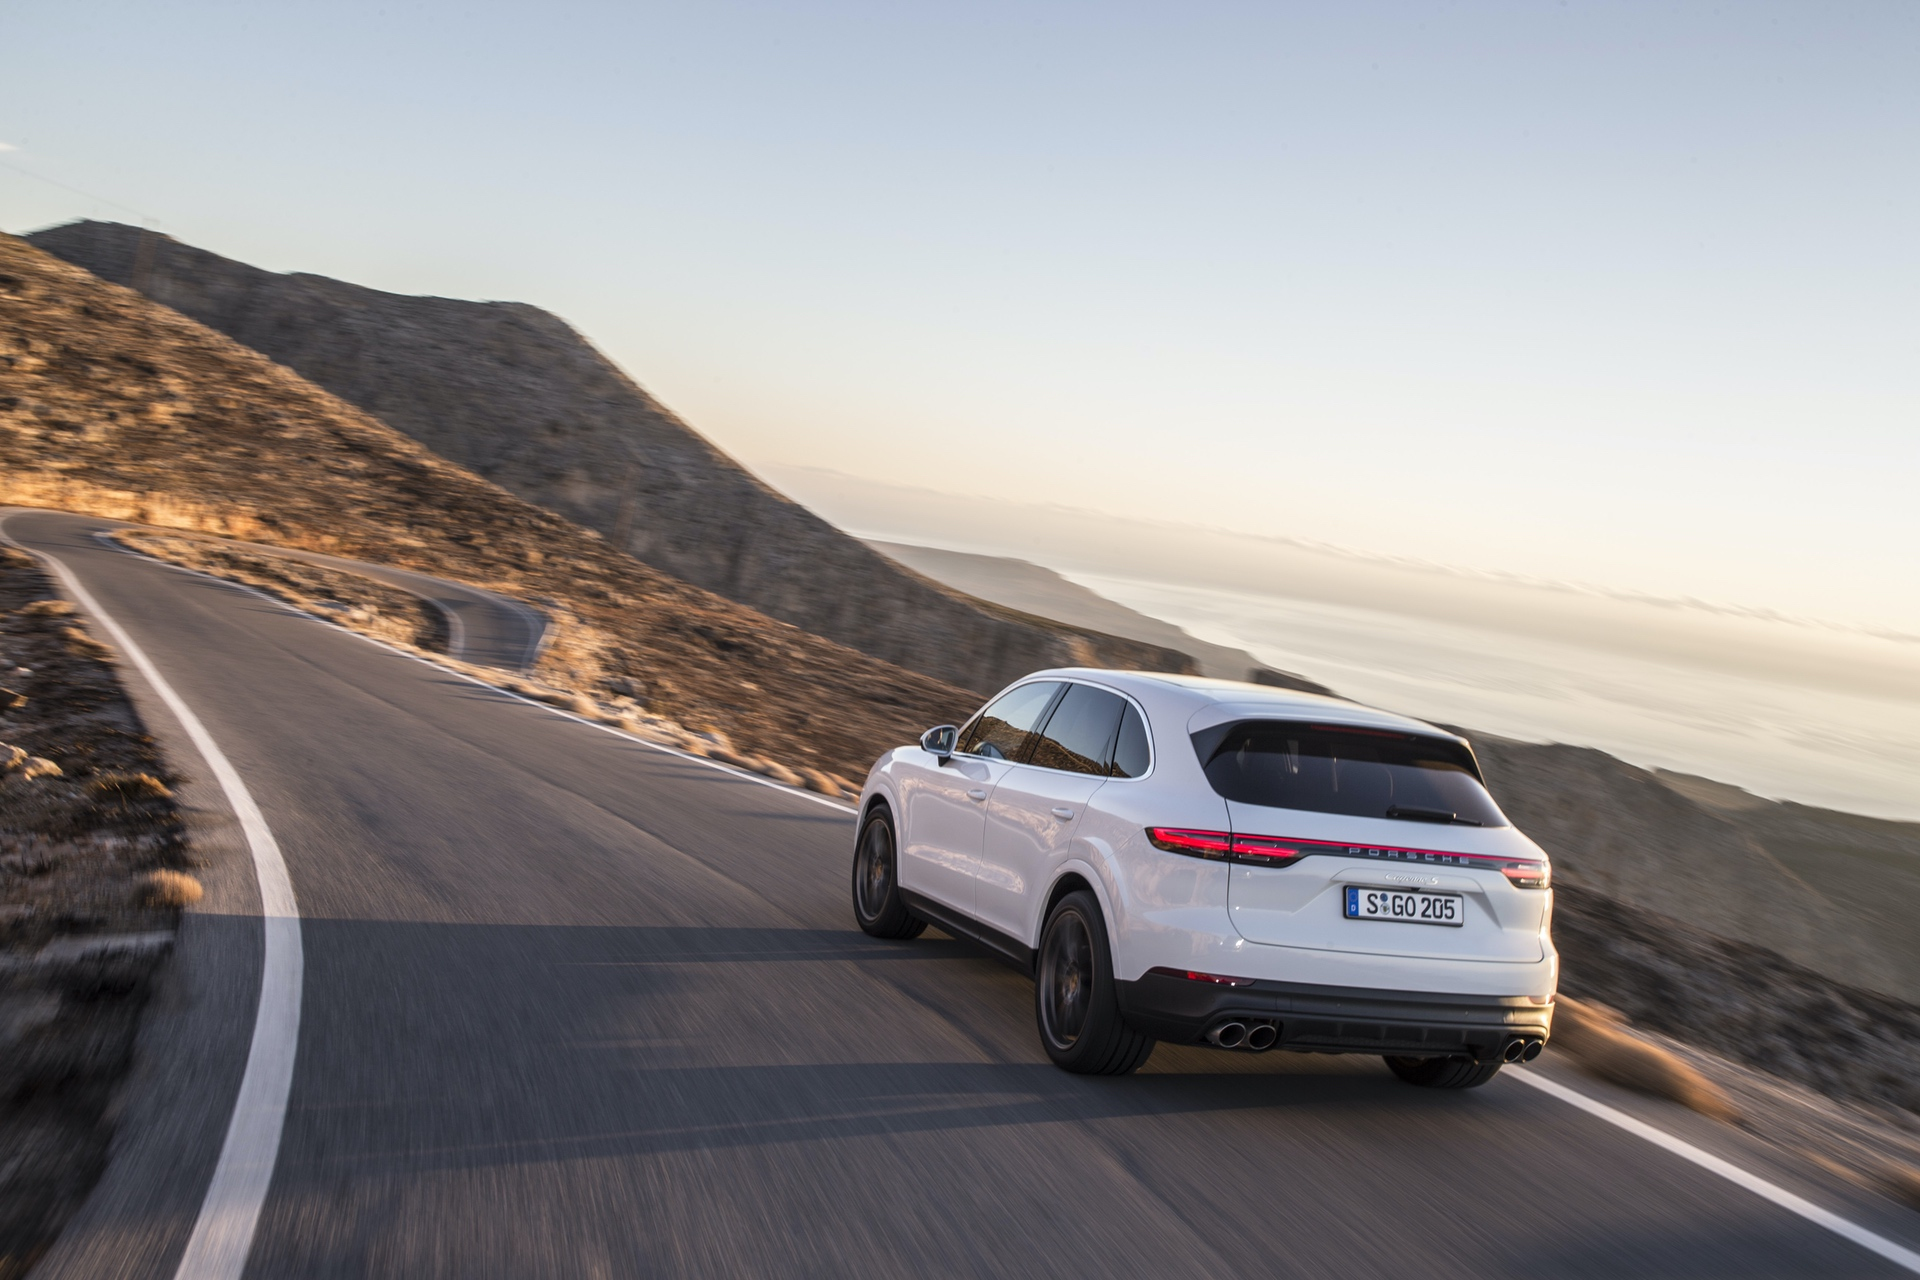 Test_Drive_Porsche_Cayenne_186